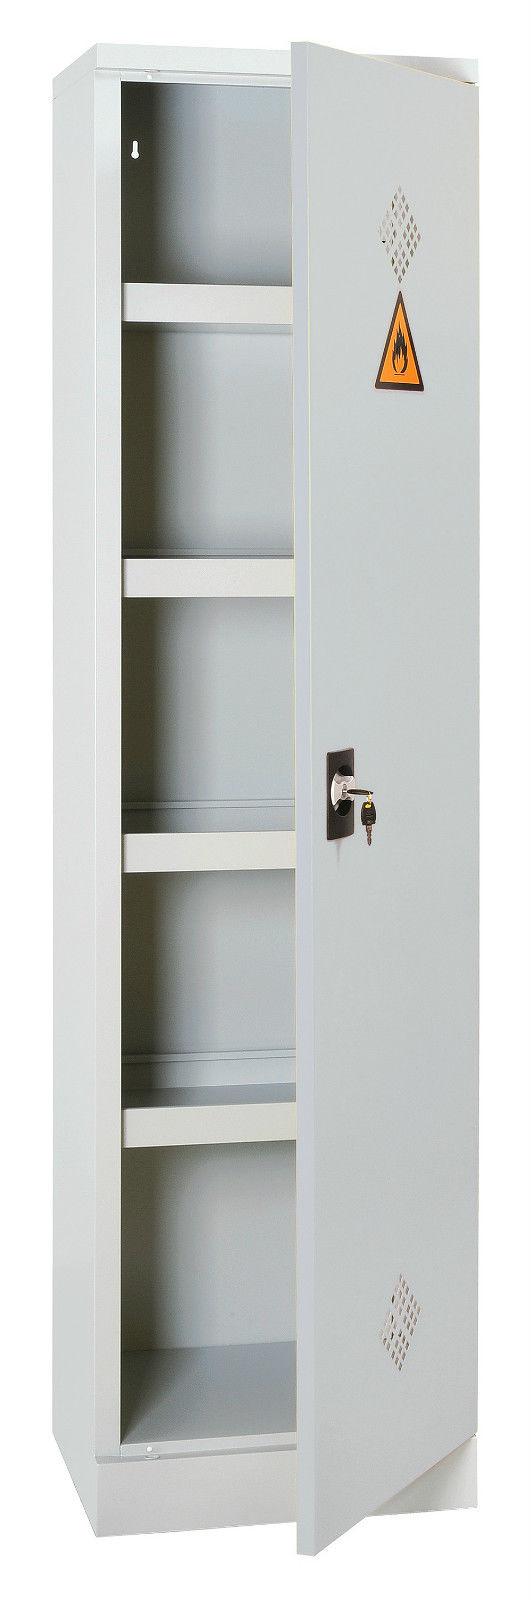 gefahrstoffschrank ggvs aufkleber gefahrgutaufkleber diesel benzin gemisch. Black Bedroom Furniture Sets. Home Design Ideas